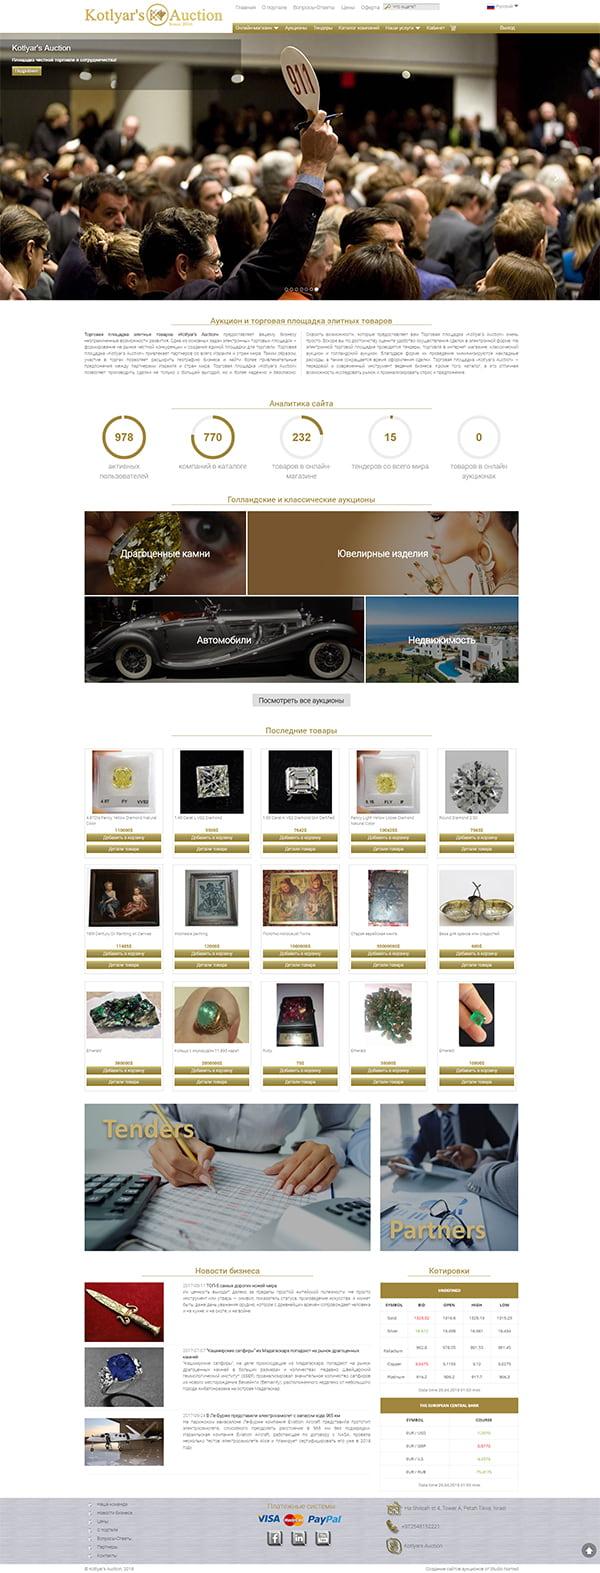 Создание аукциона бриллиантов